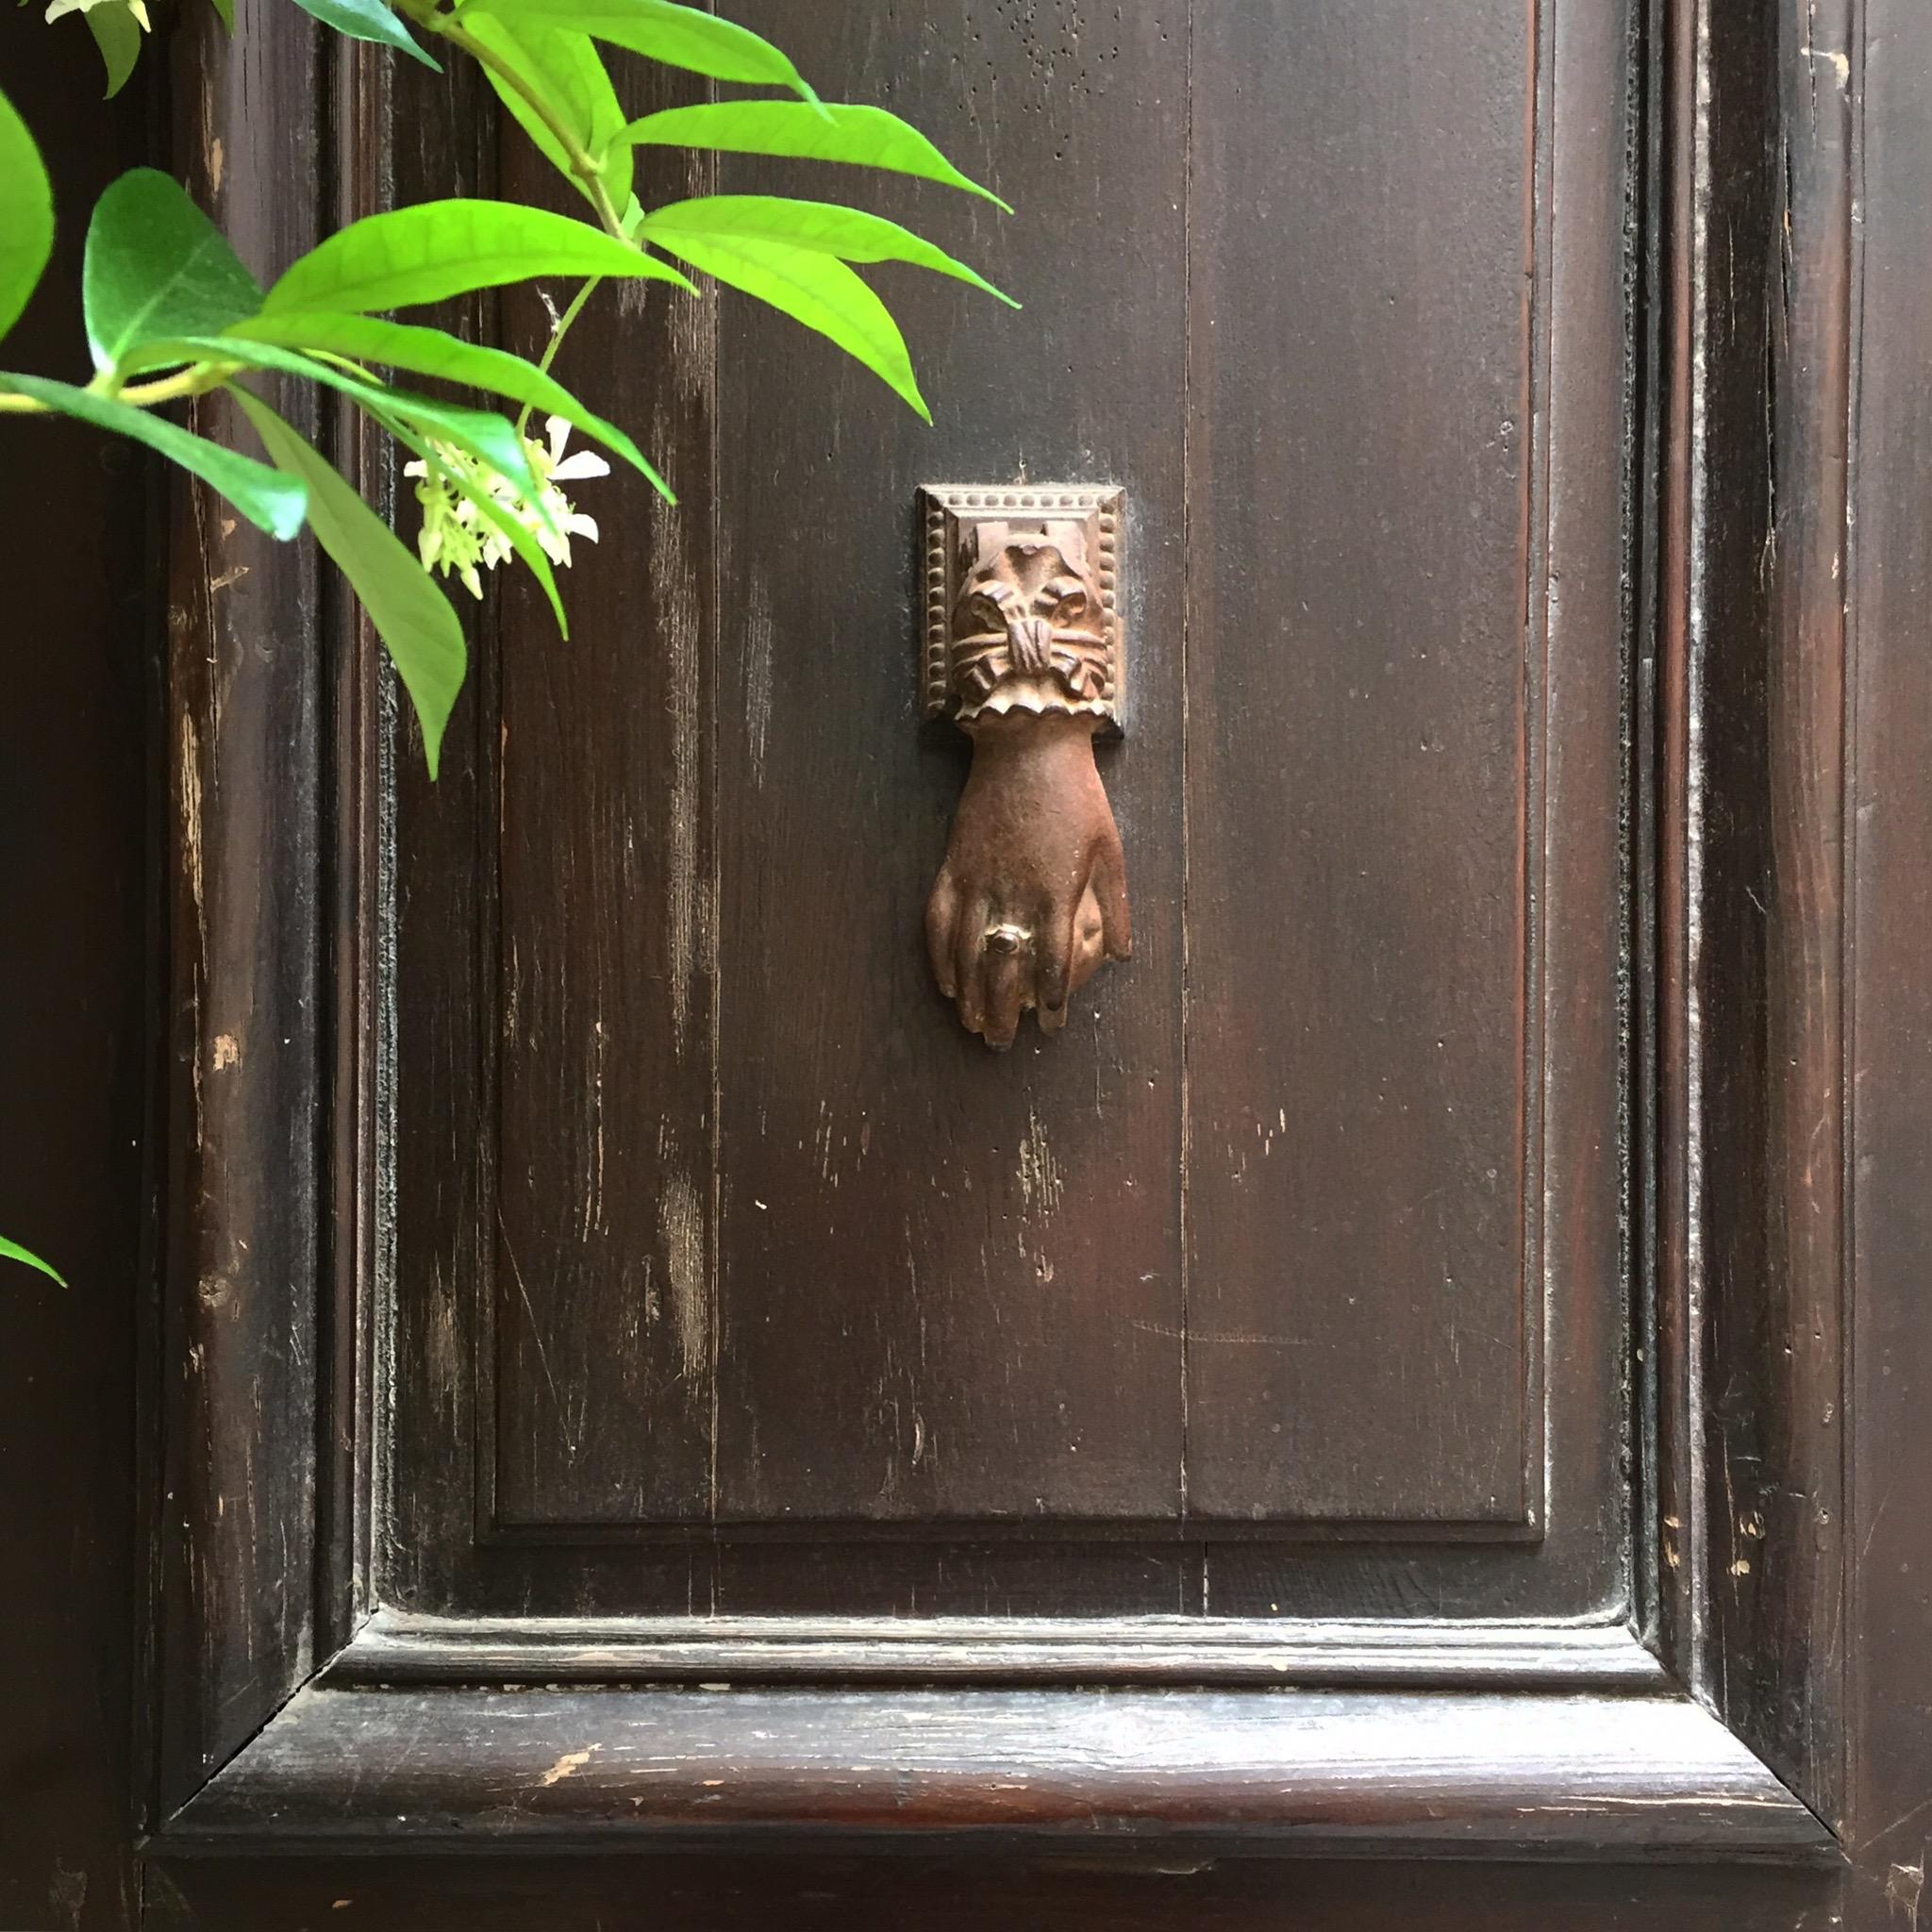 The Entrance Door Knocker | Photograph by Lauren L Caron © 2015